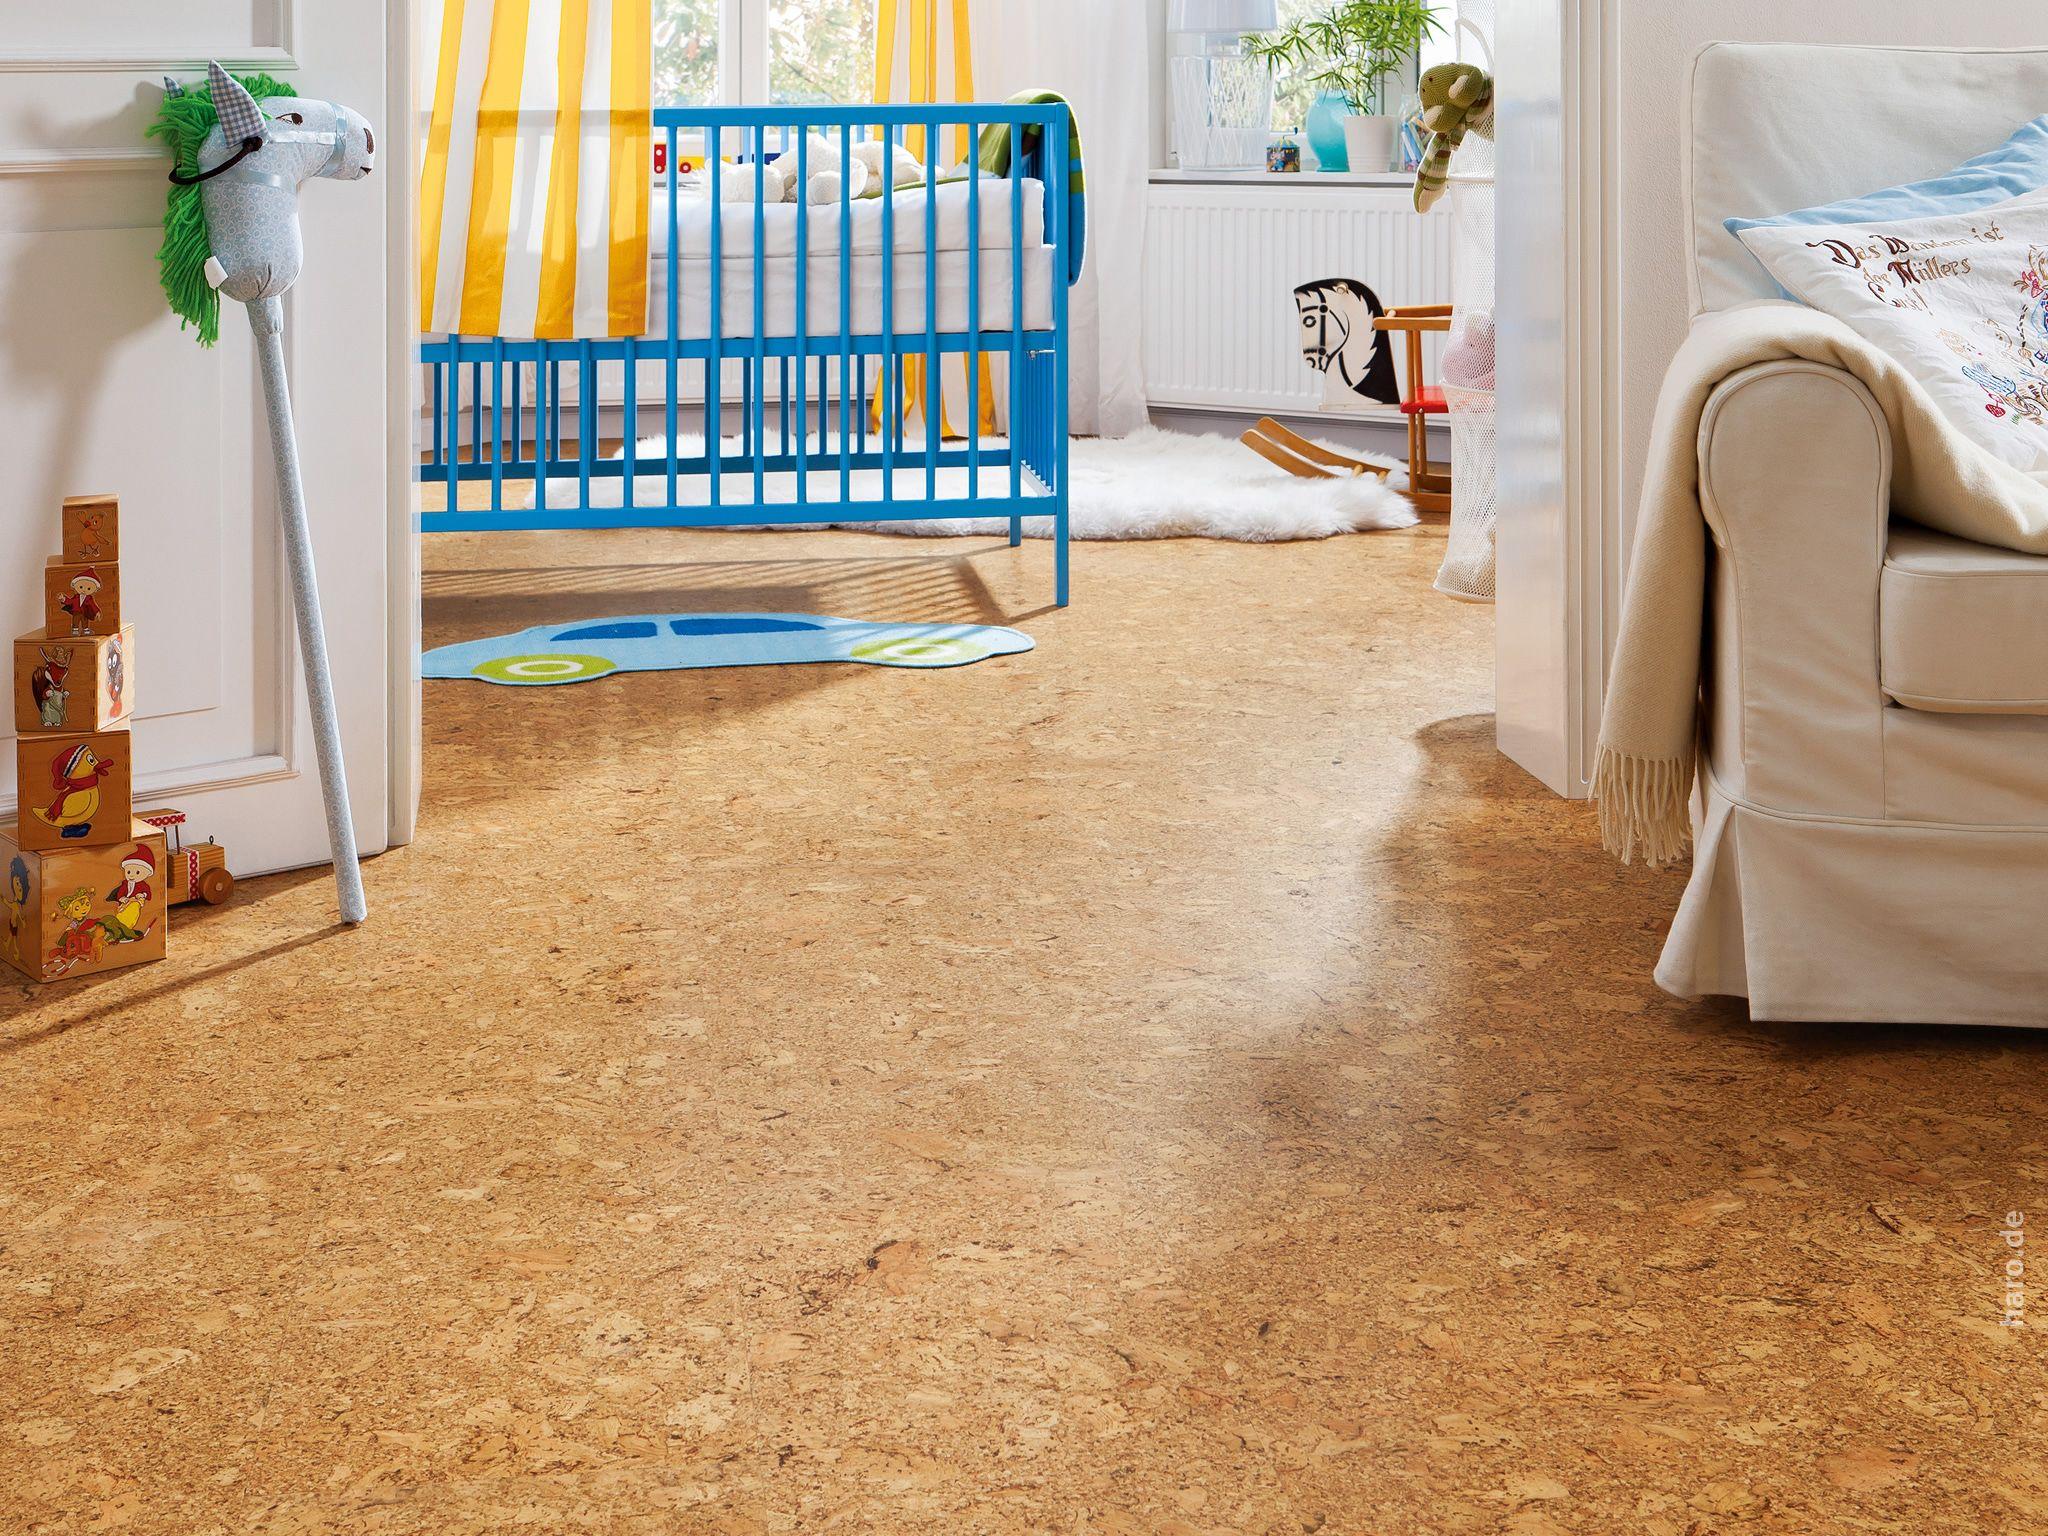 HARO CORKETT Lagos natur | Cork Floor / Korkboden | Pinterest ...